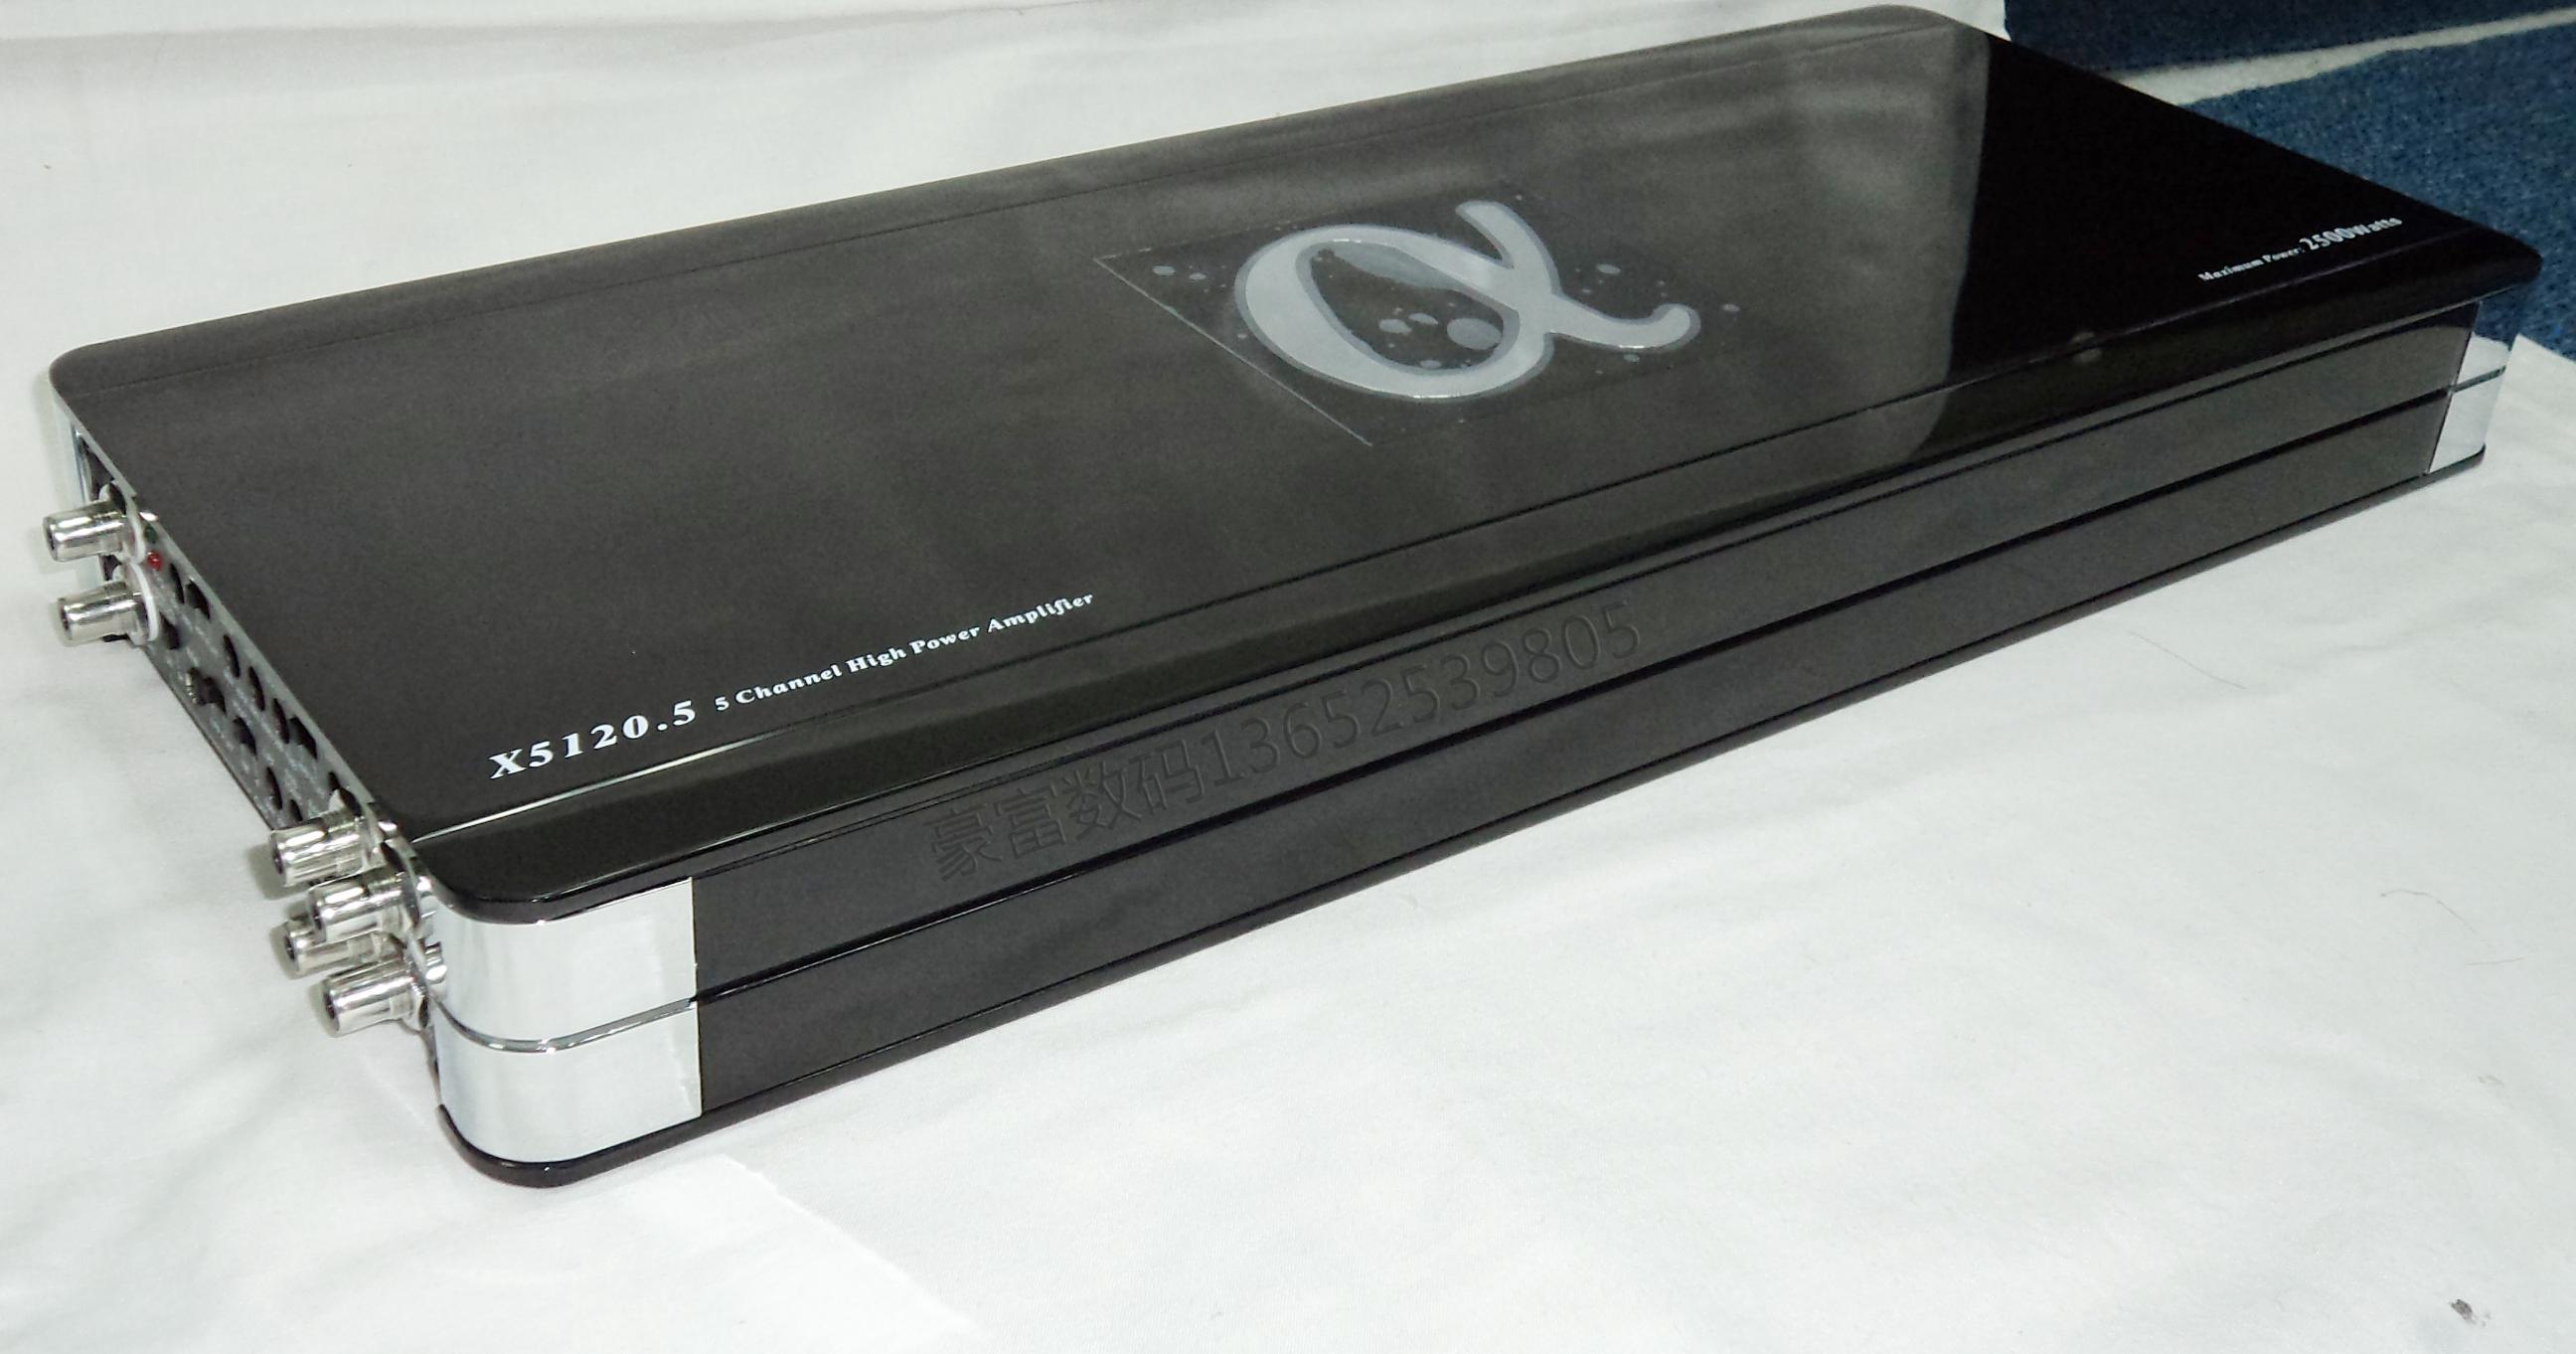 X5120.5 amplifier 5-way car(China (Mainland))